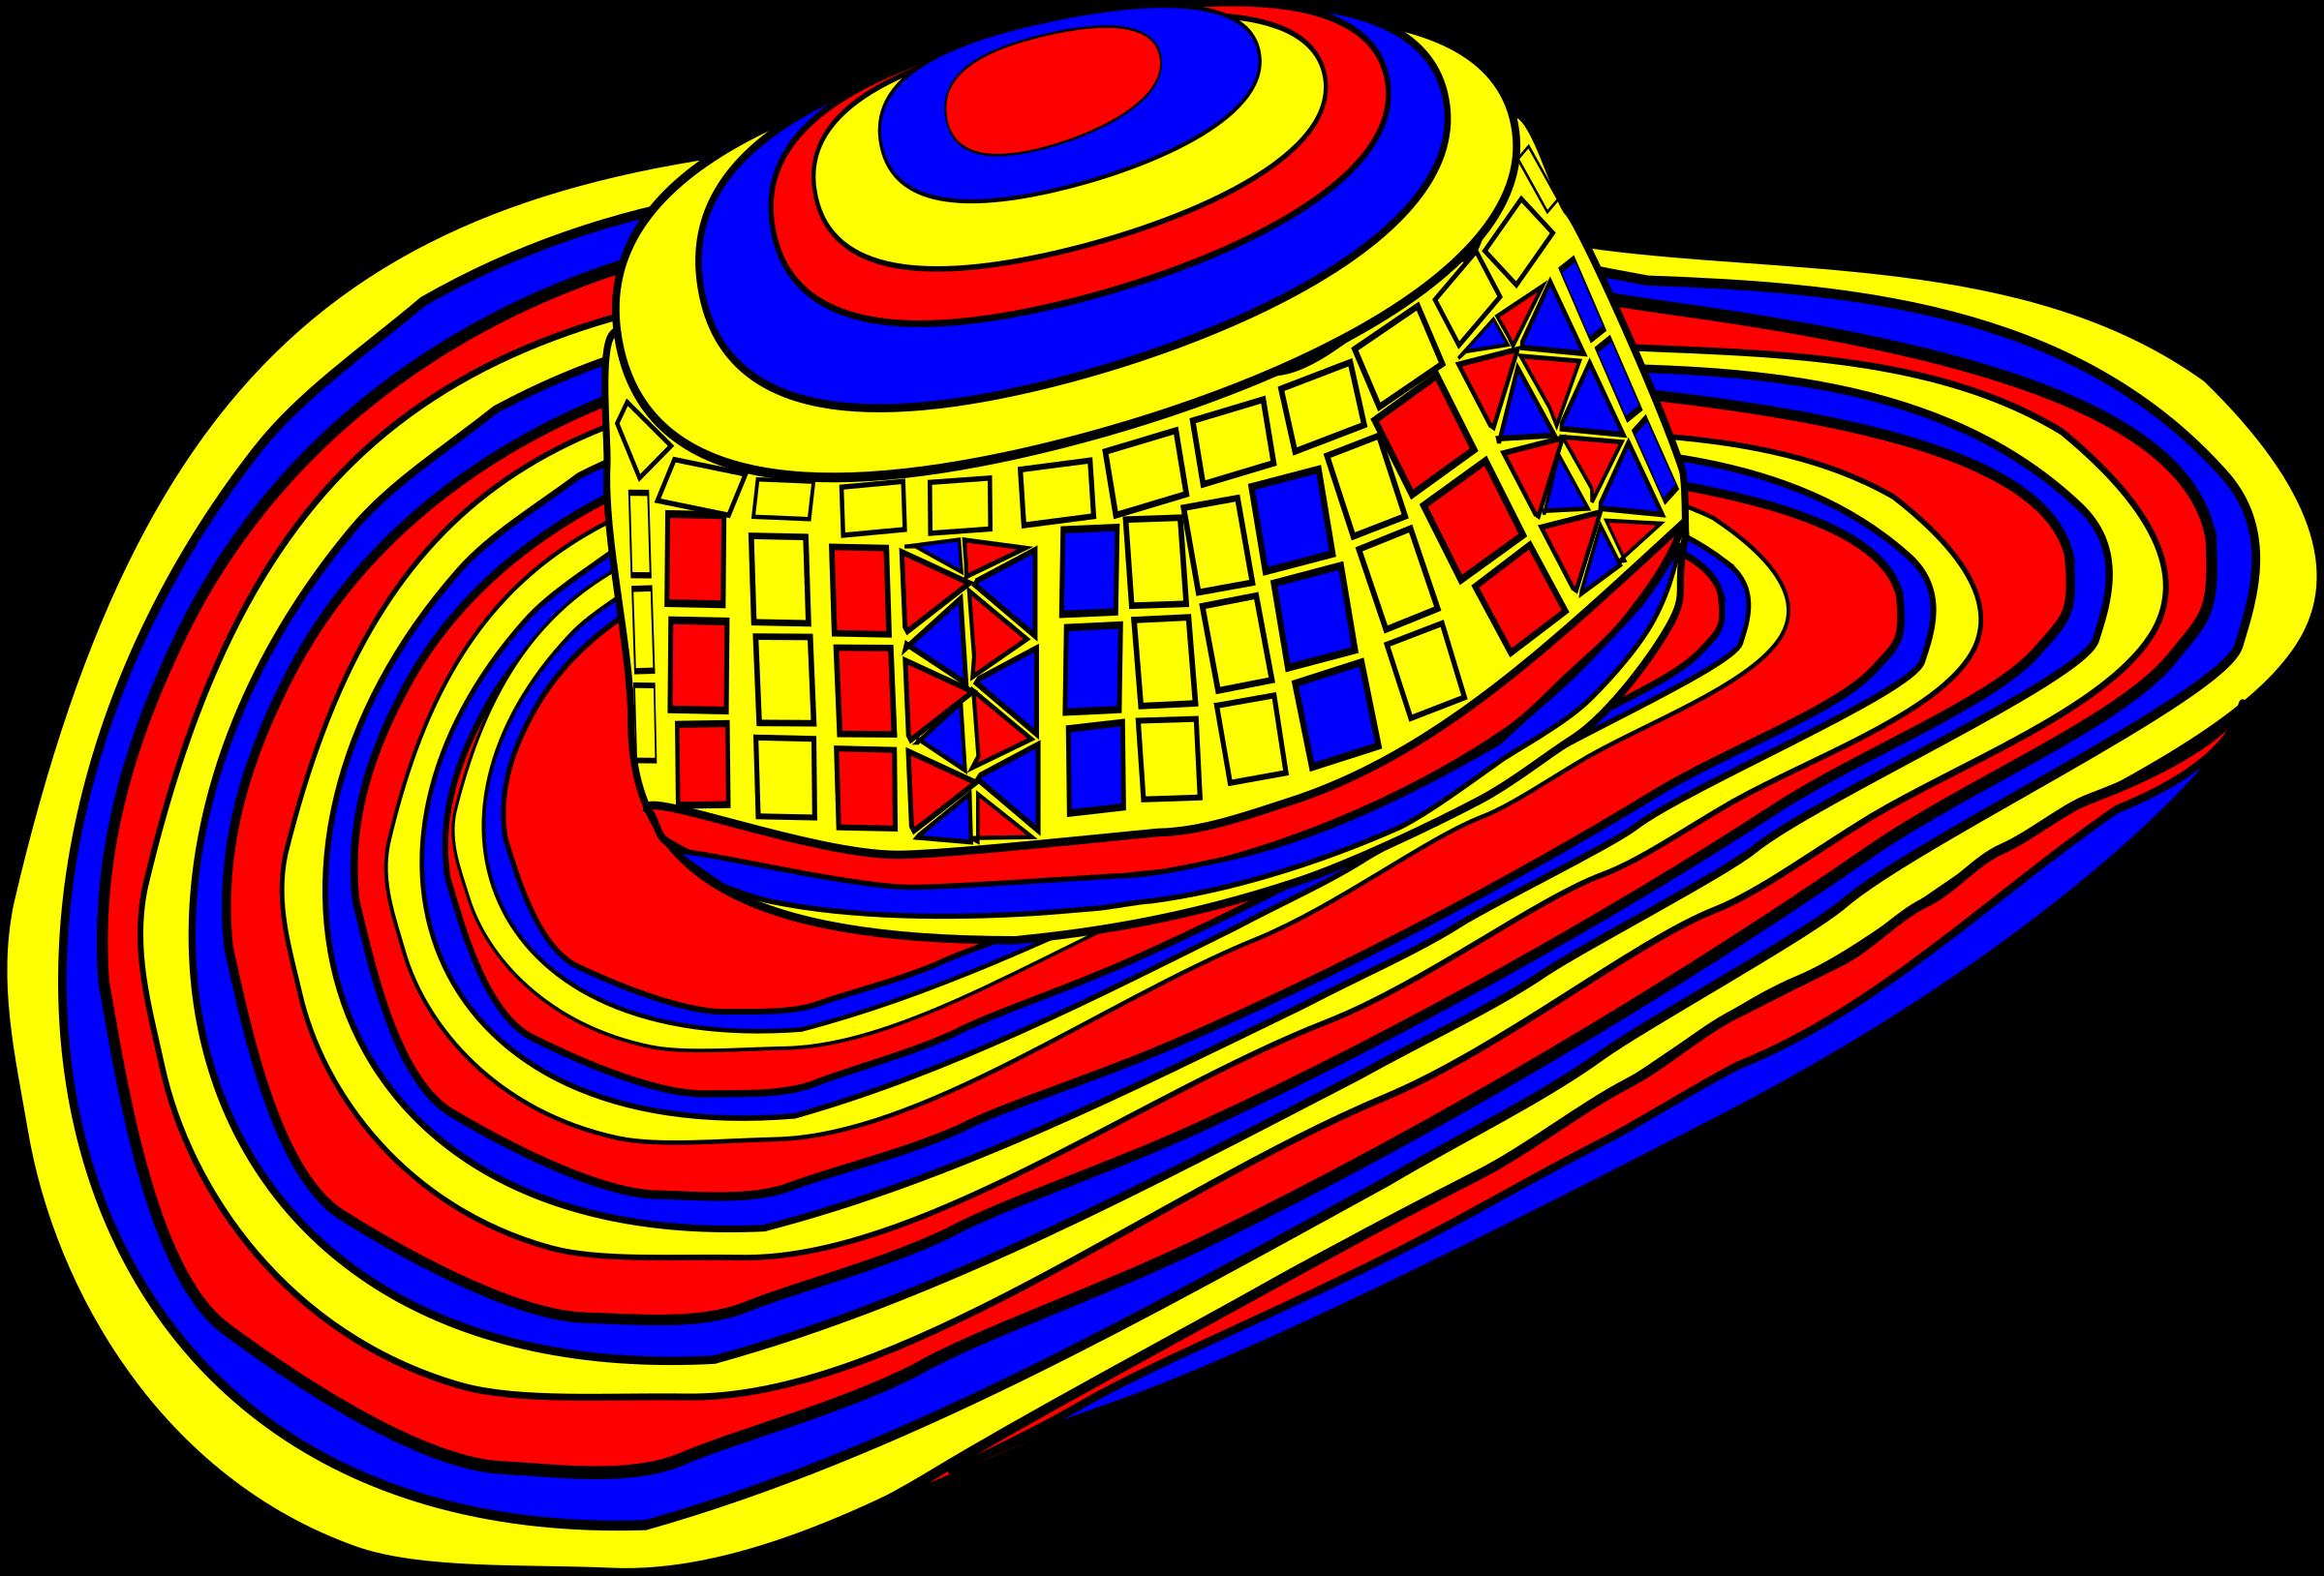 clipart sombrero coste u00f1o colombia sombrero clip art coloring sombrero clip art free